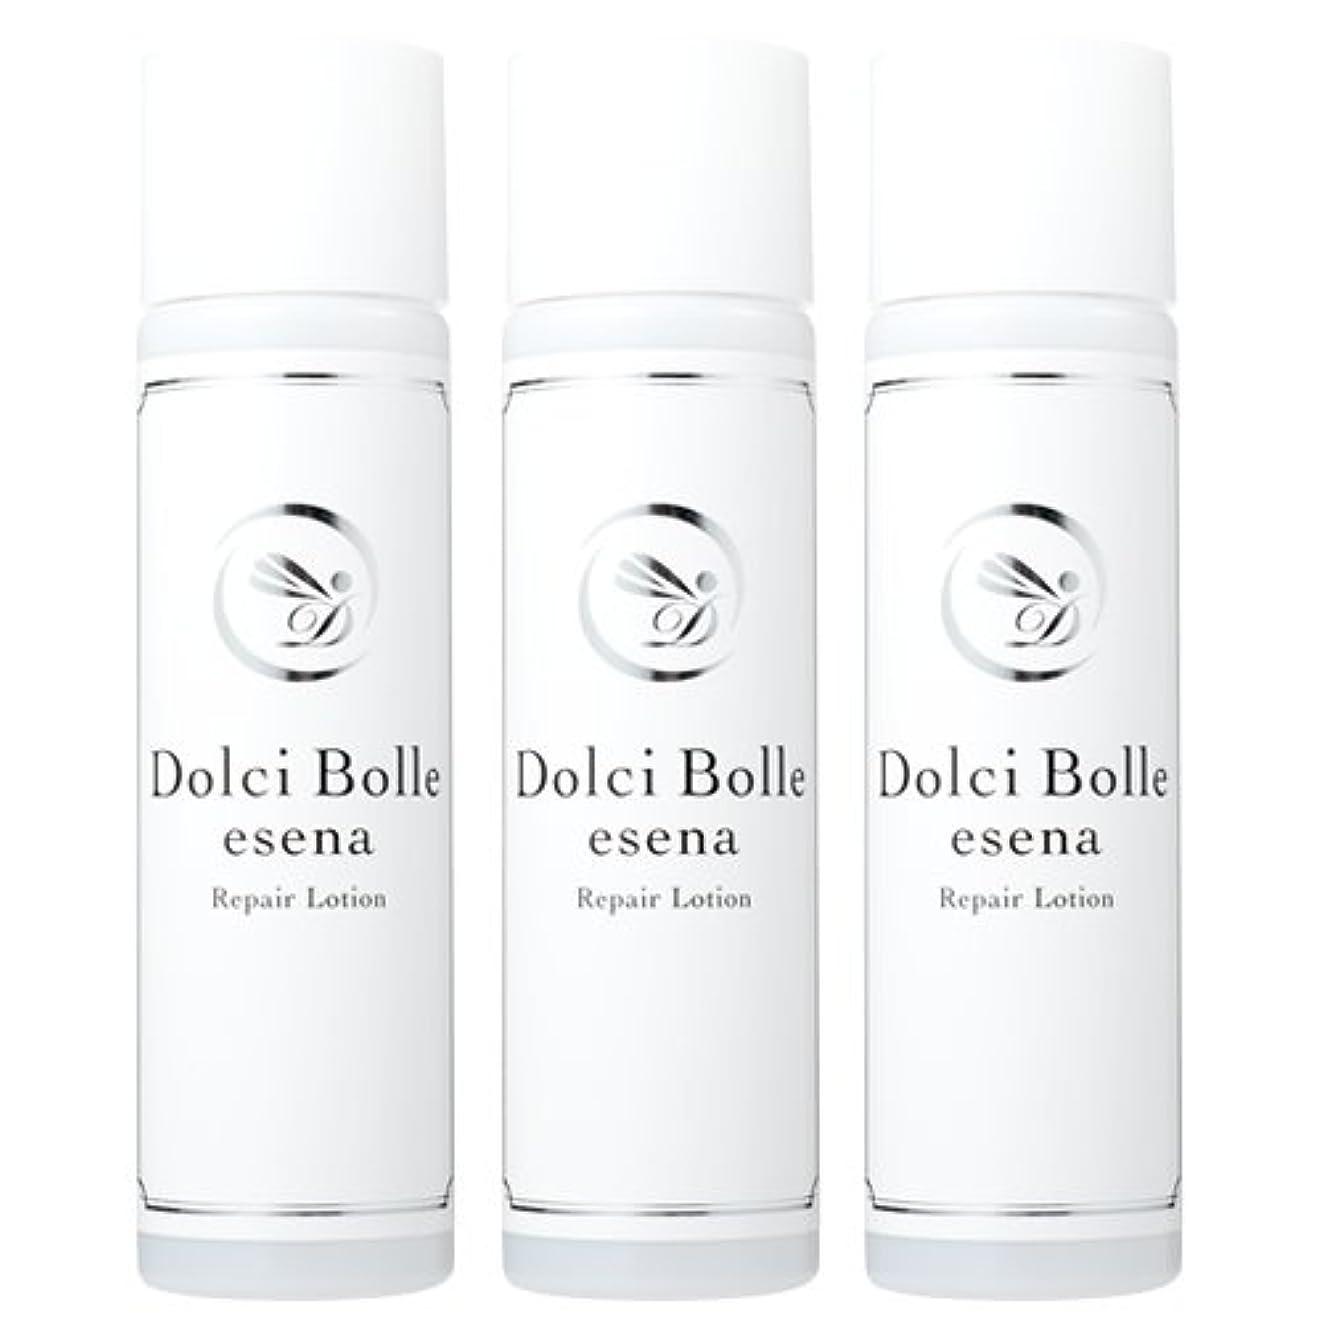 アグネスグレイ等しい組み合わせるDolci Bolle(ドルチボーレ) esena(エセナ) リペアローション 150ml 3本セット